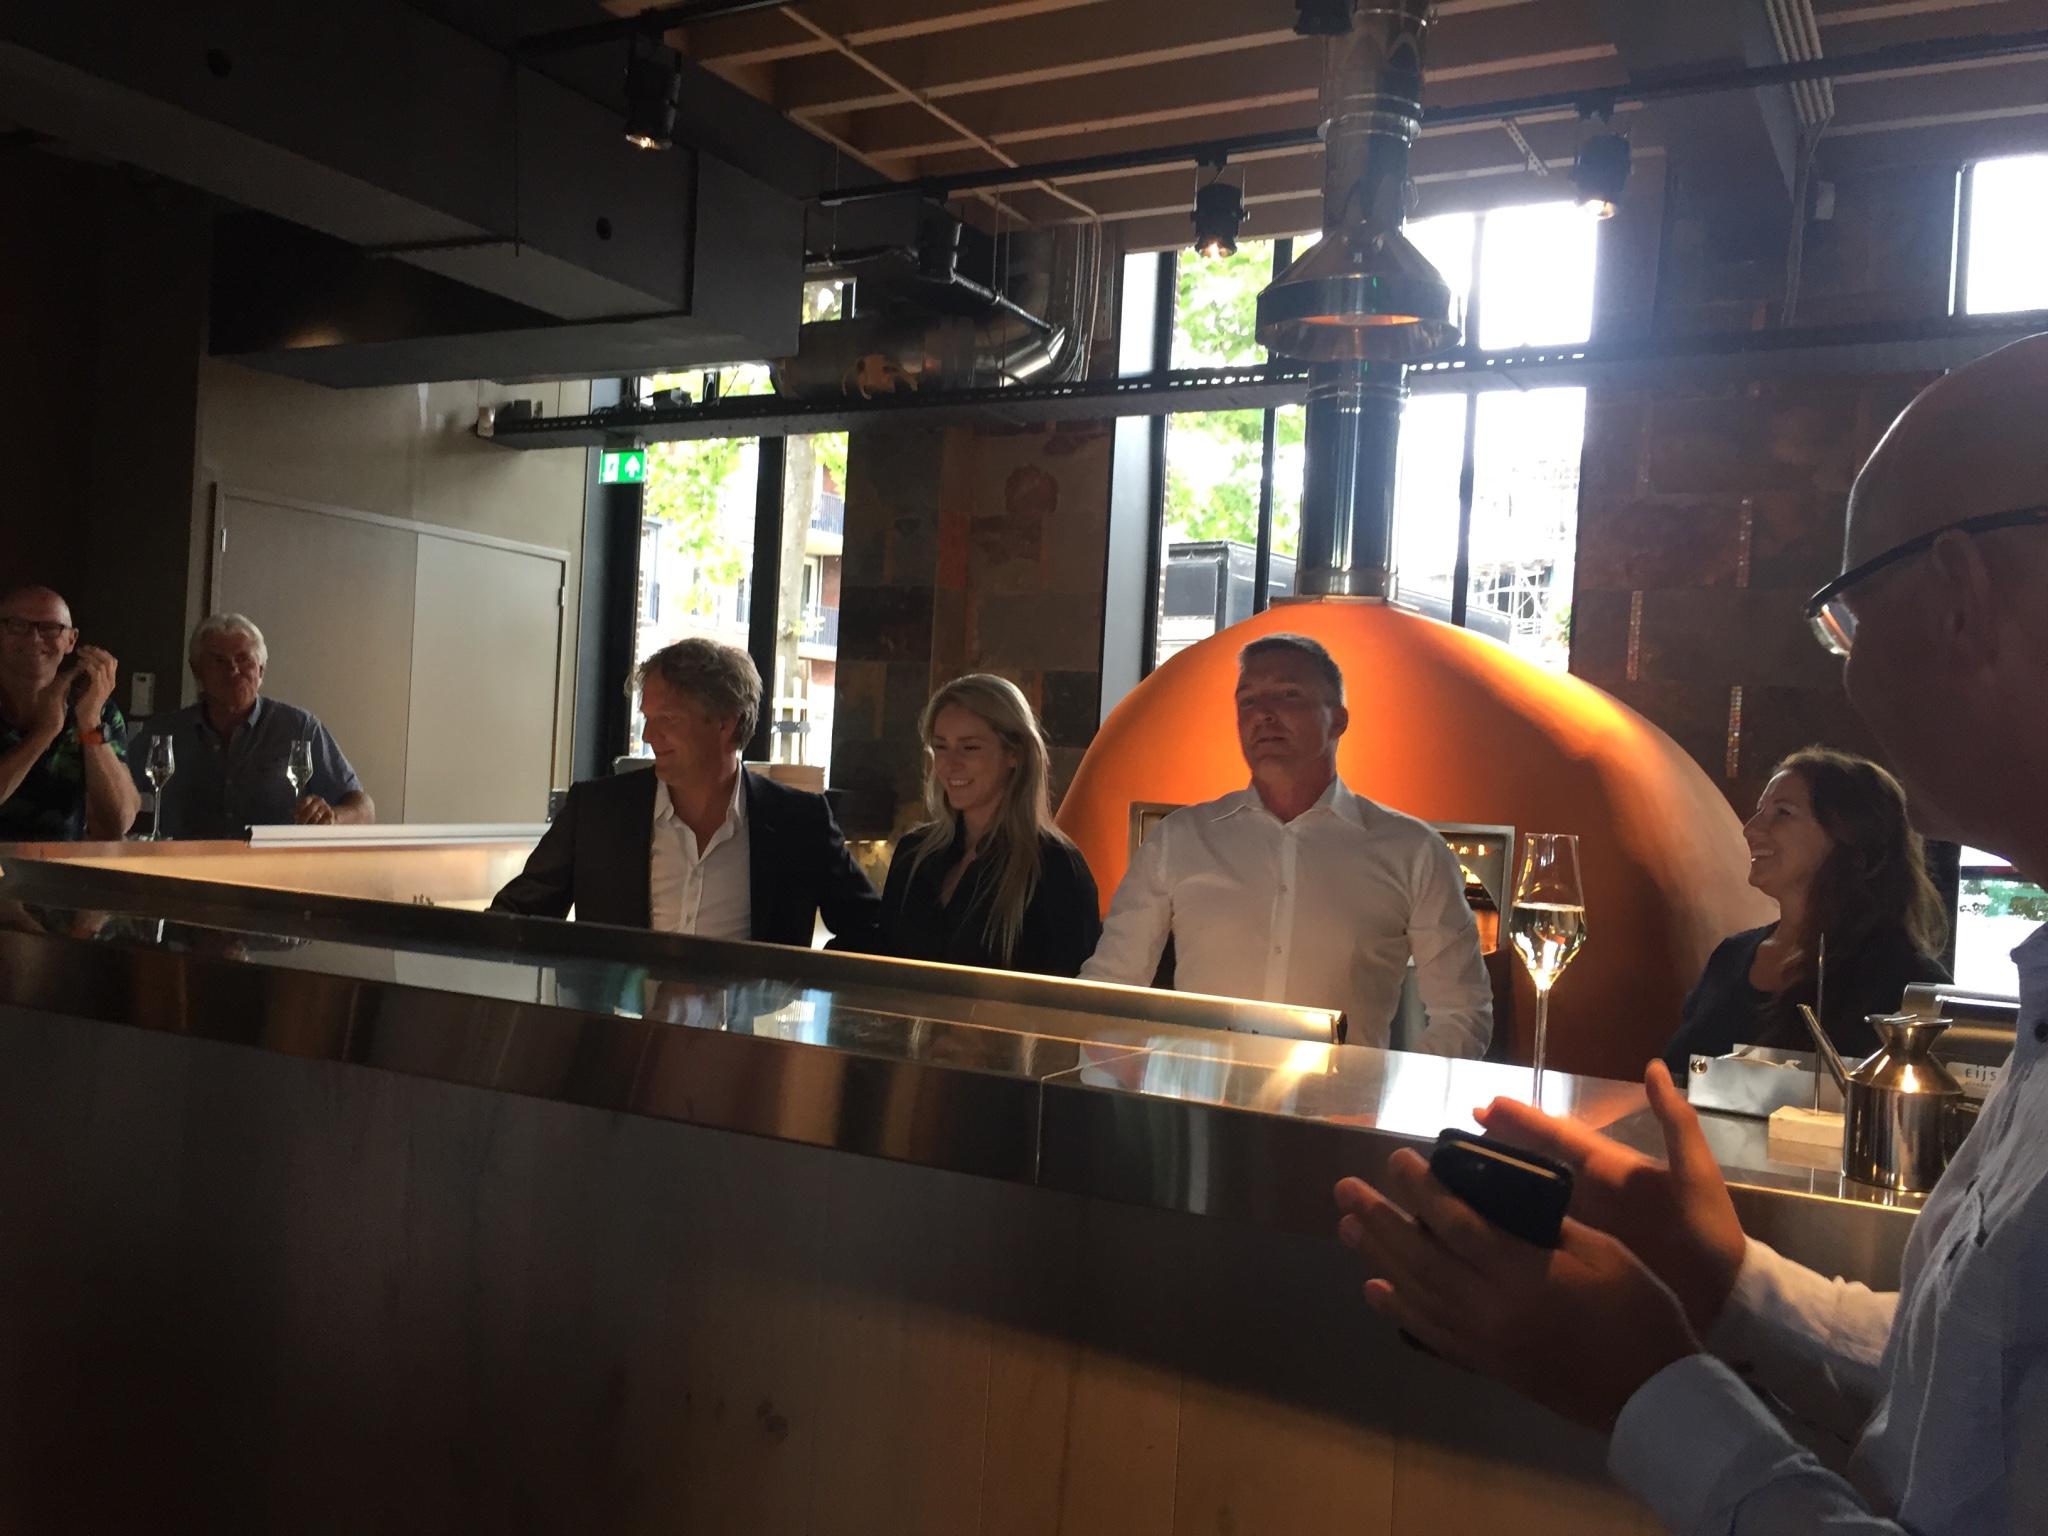 Woodstone Pizza & Wine geopend in Alphen a/d Rijn